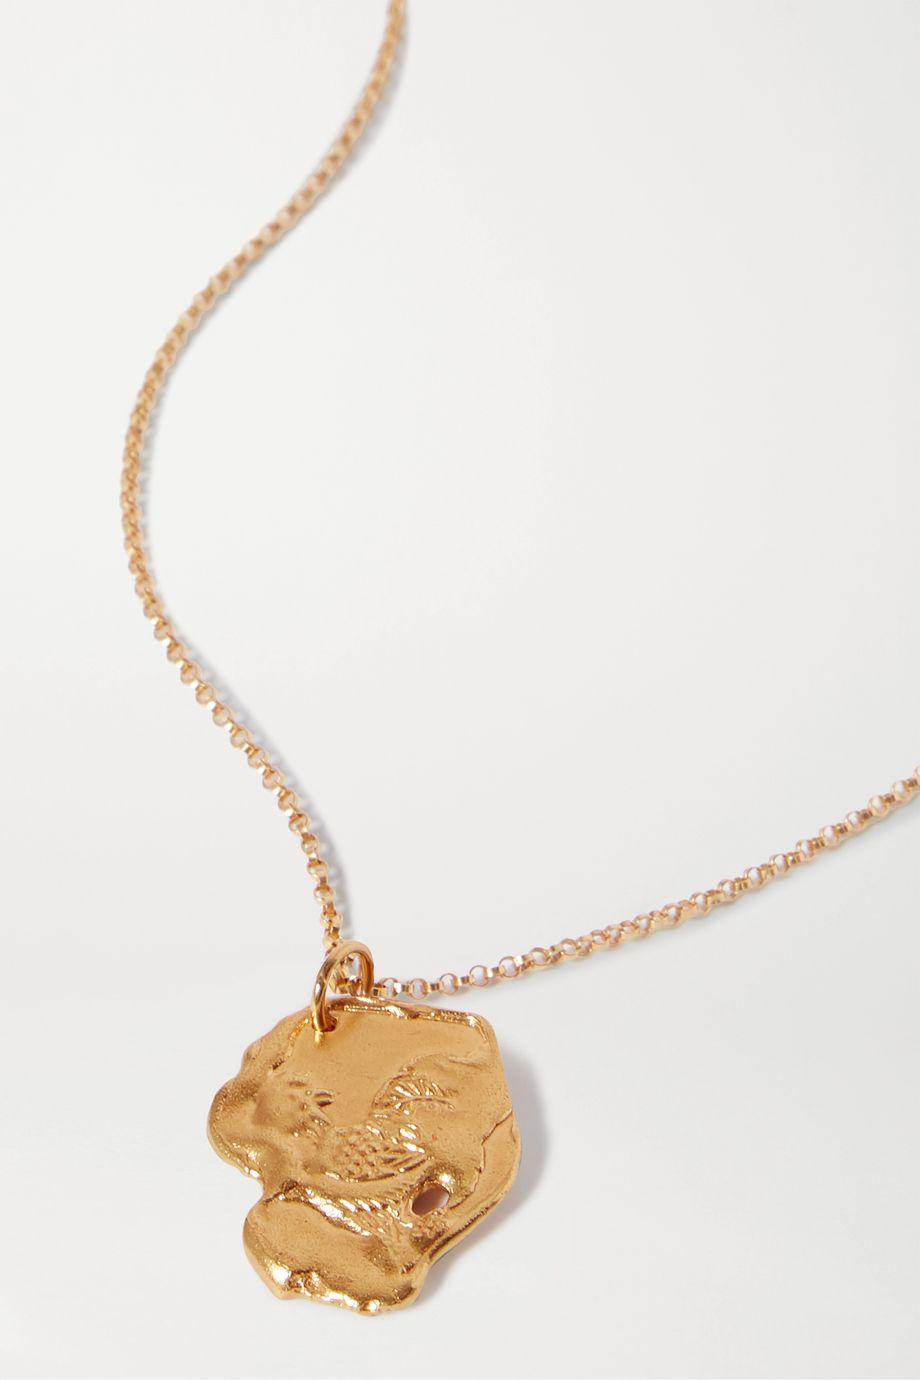 알리기에리 닭 목걸이 20SS 12지신 시리즈 Alighieri Year of the Rooster gold-plated necklace,Gold